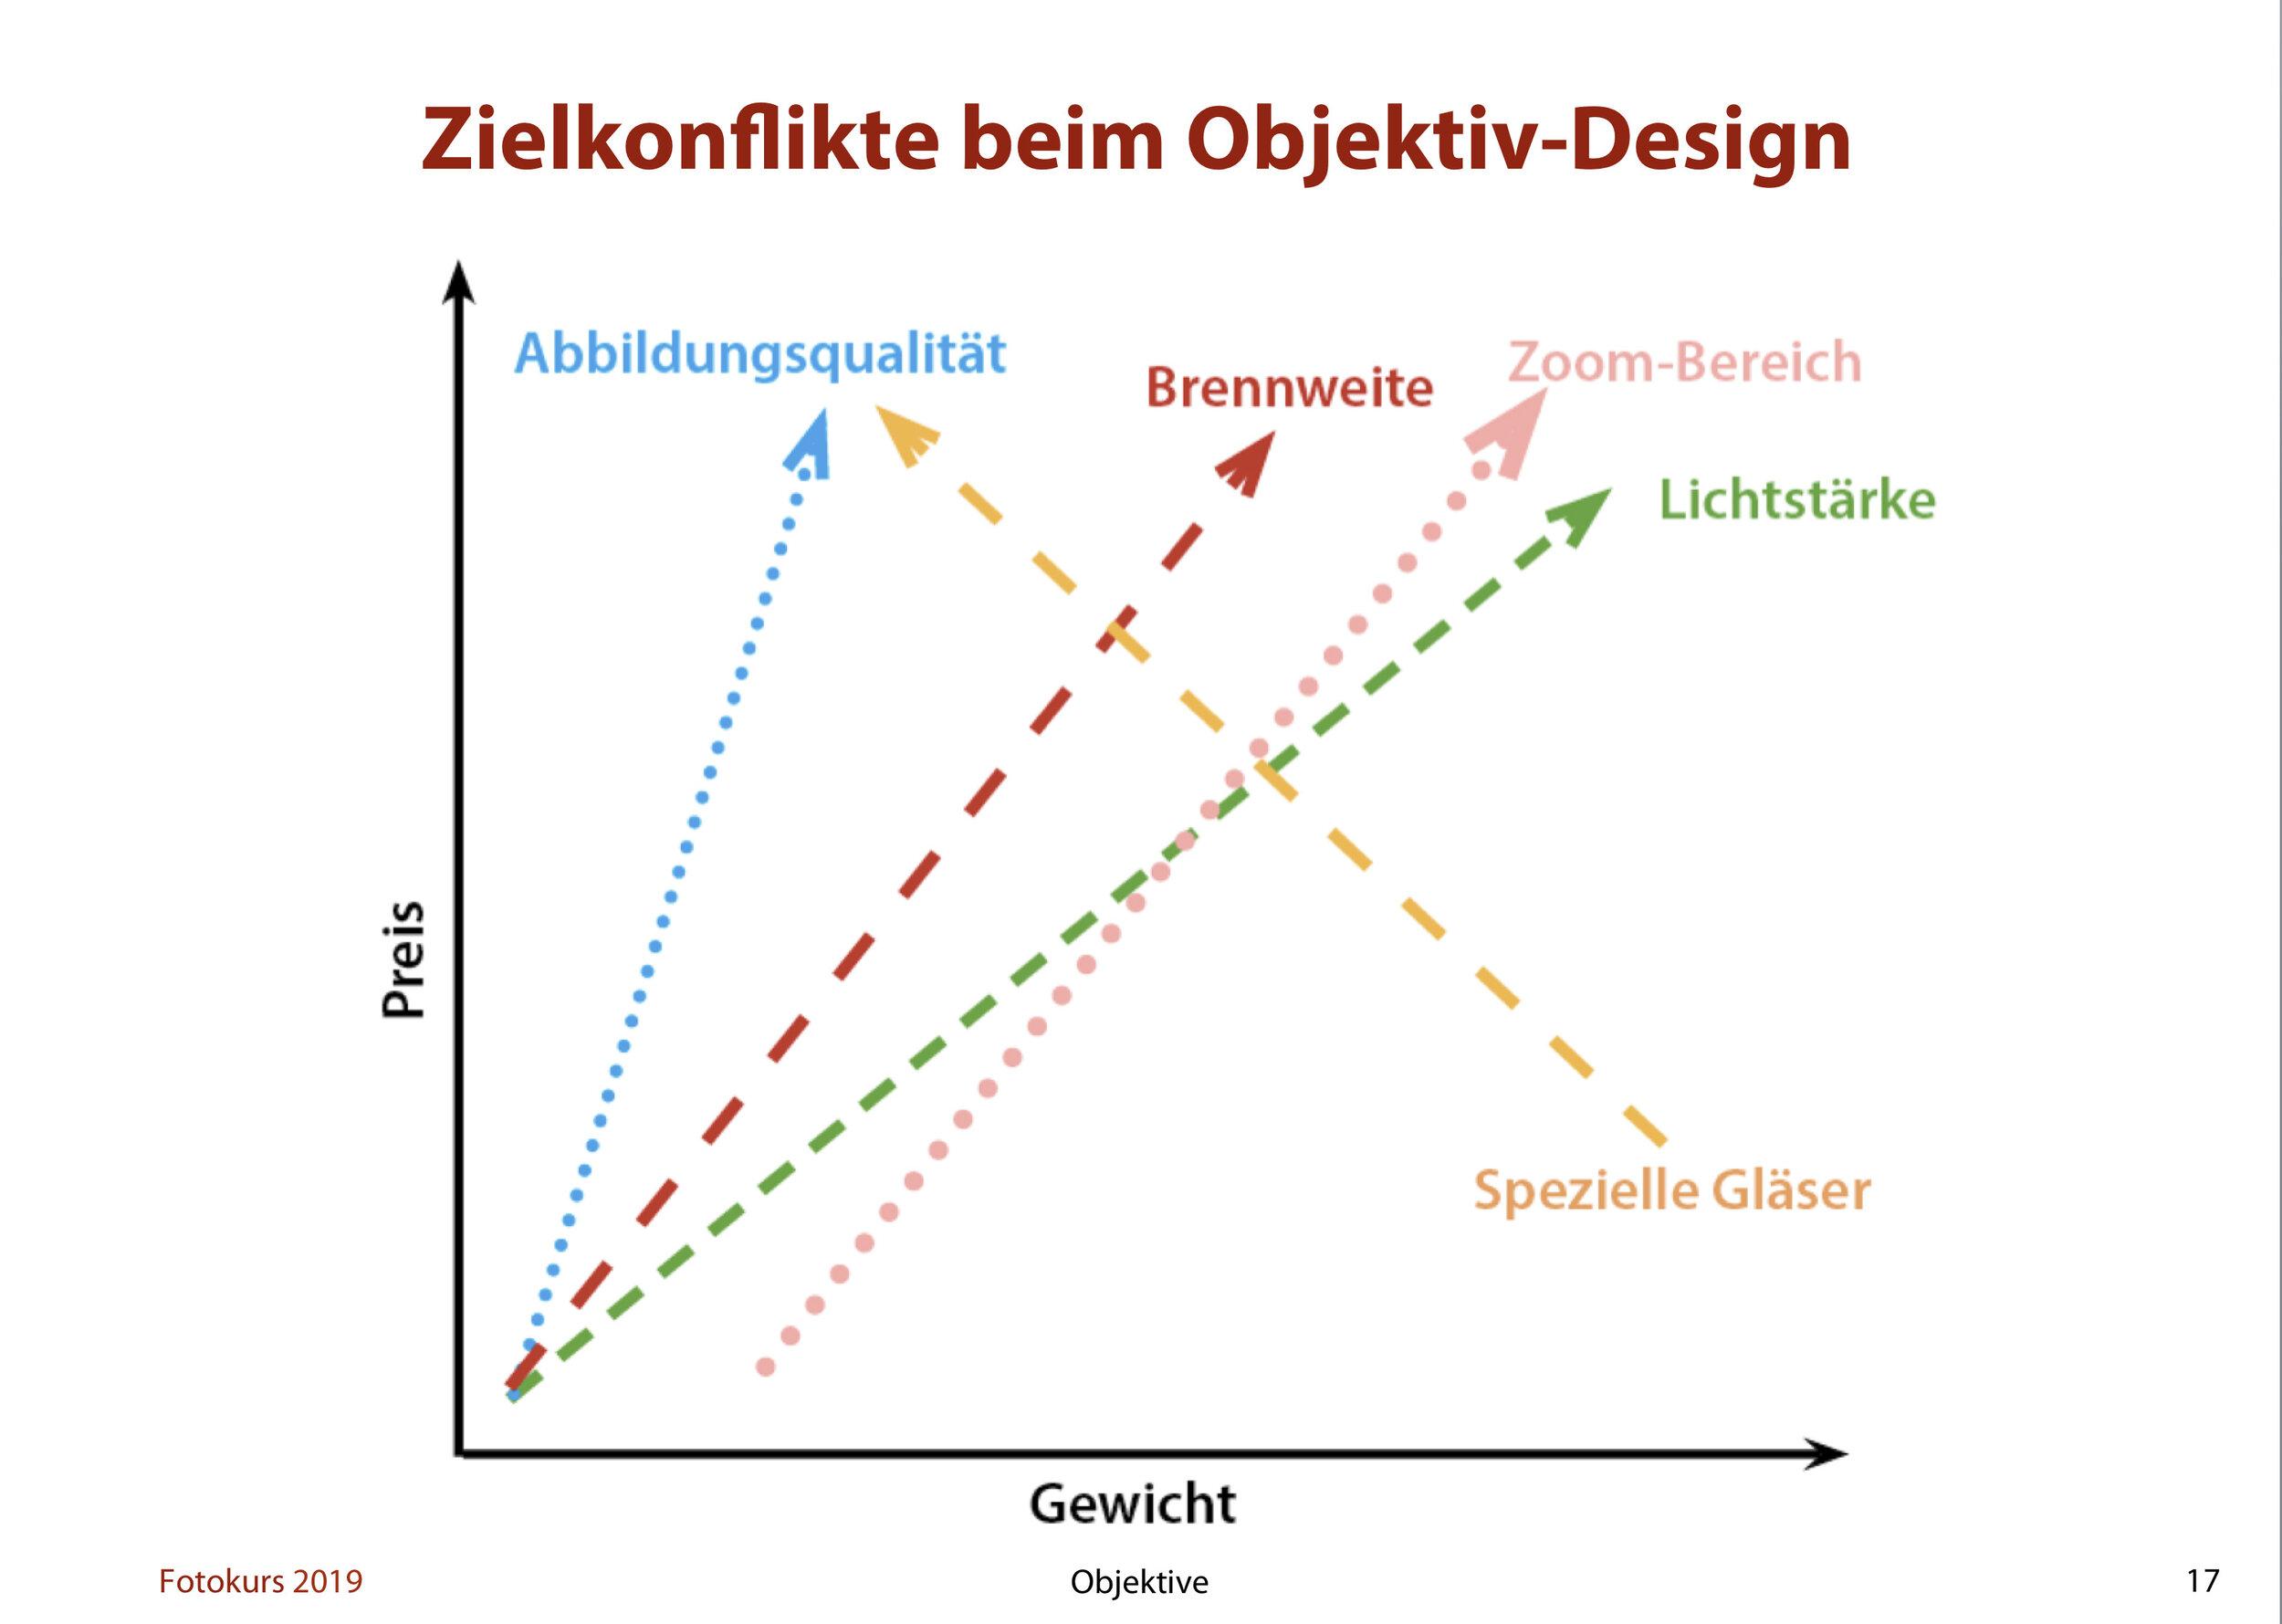 Objektive-Zielkonflikte.jpg